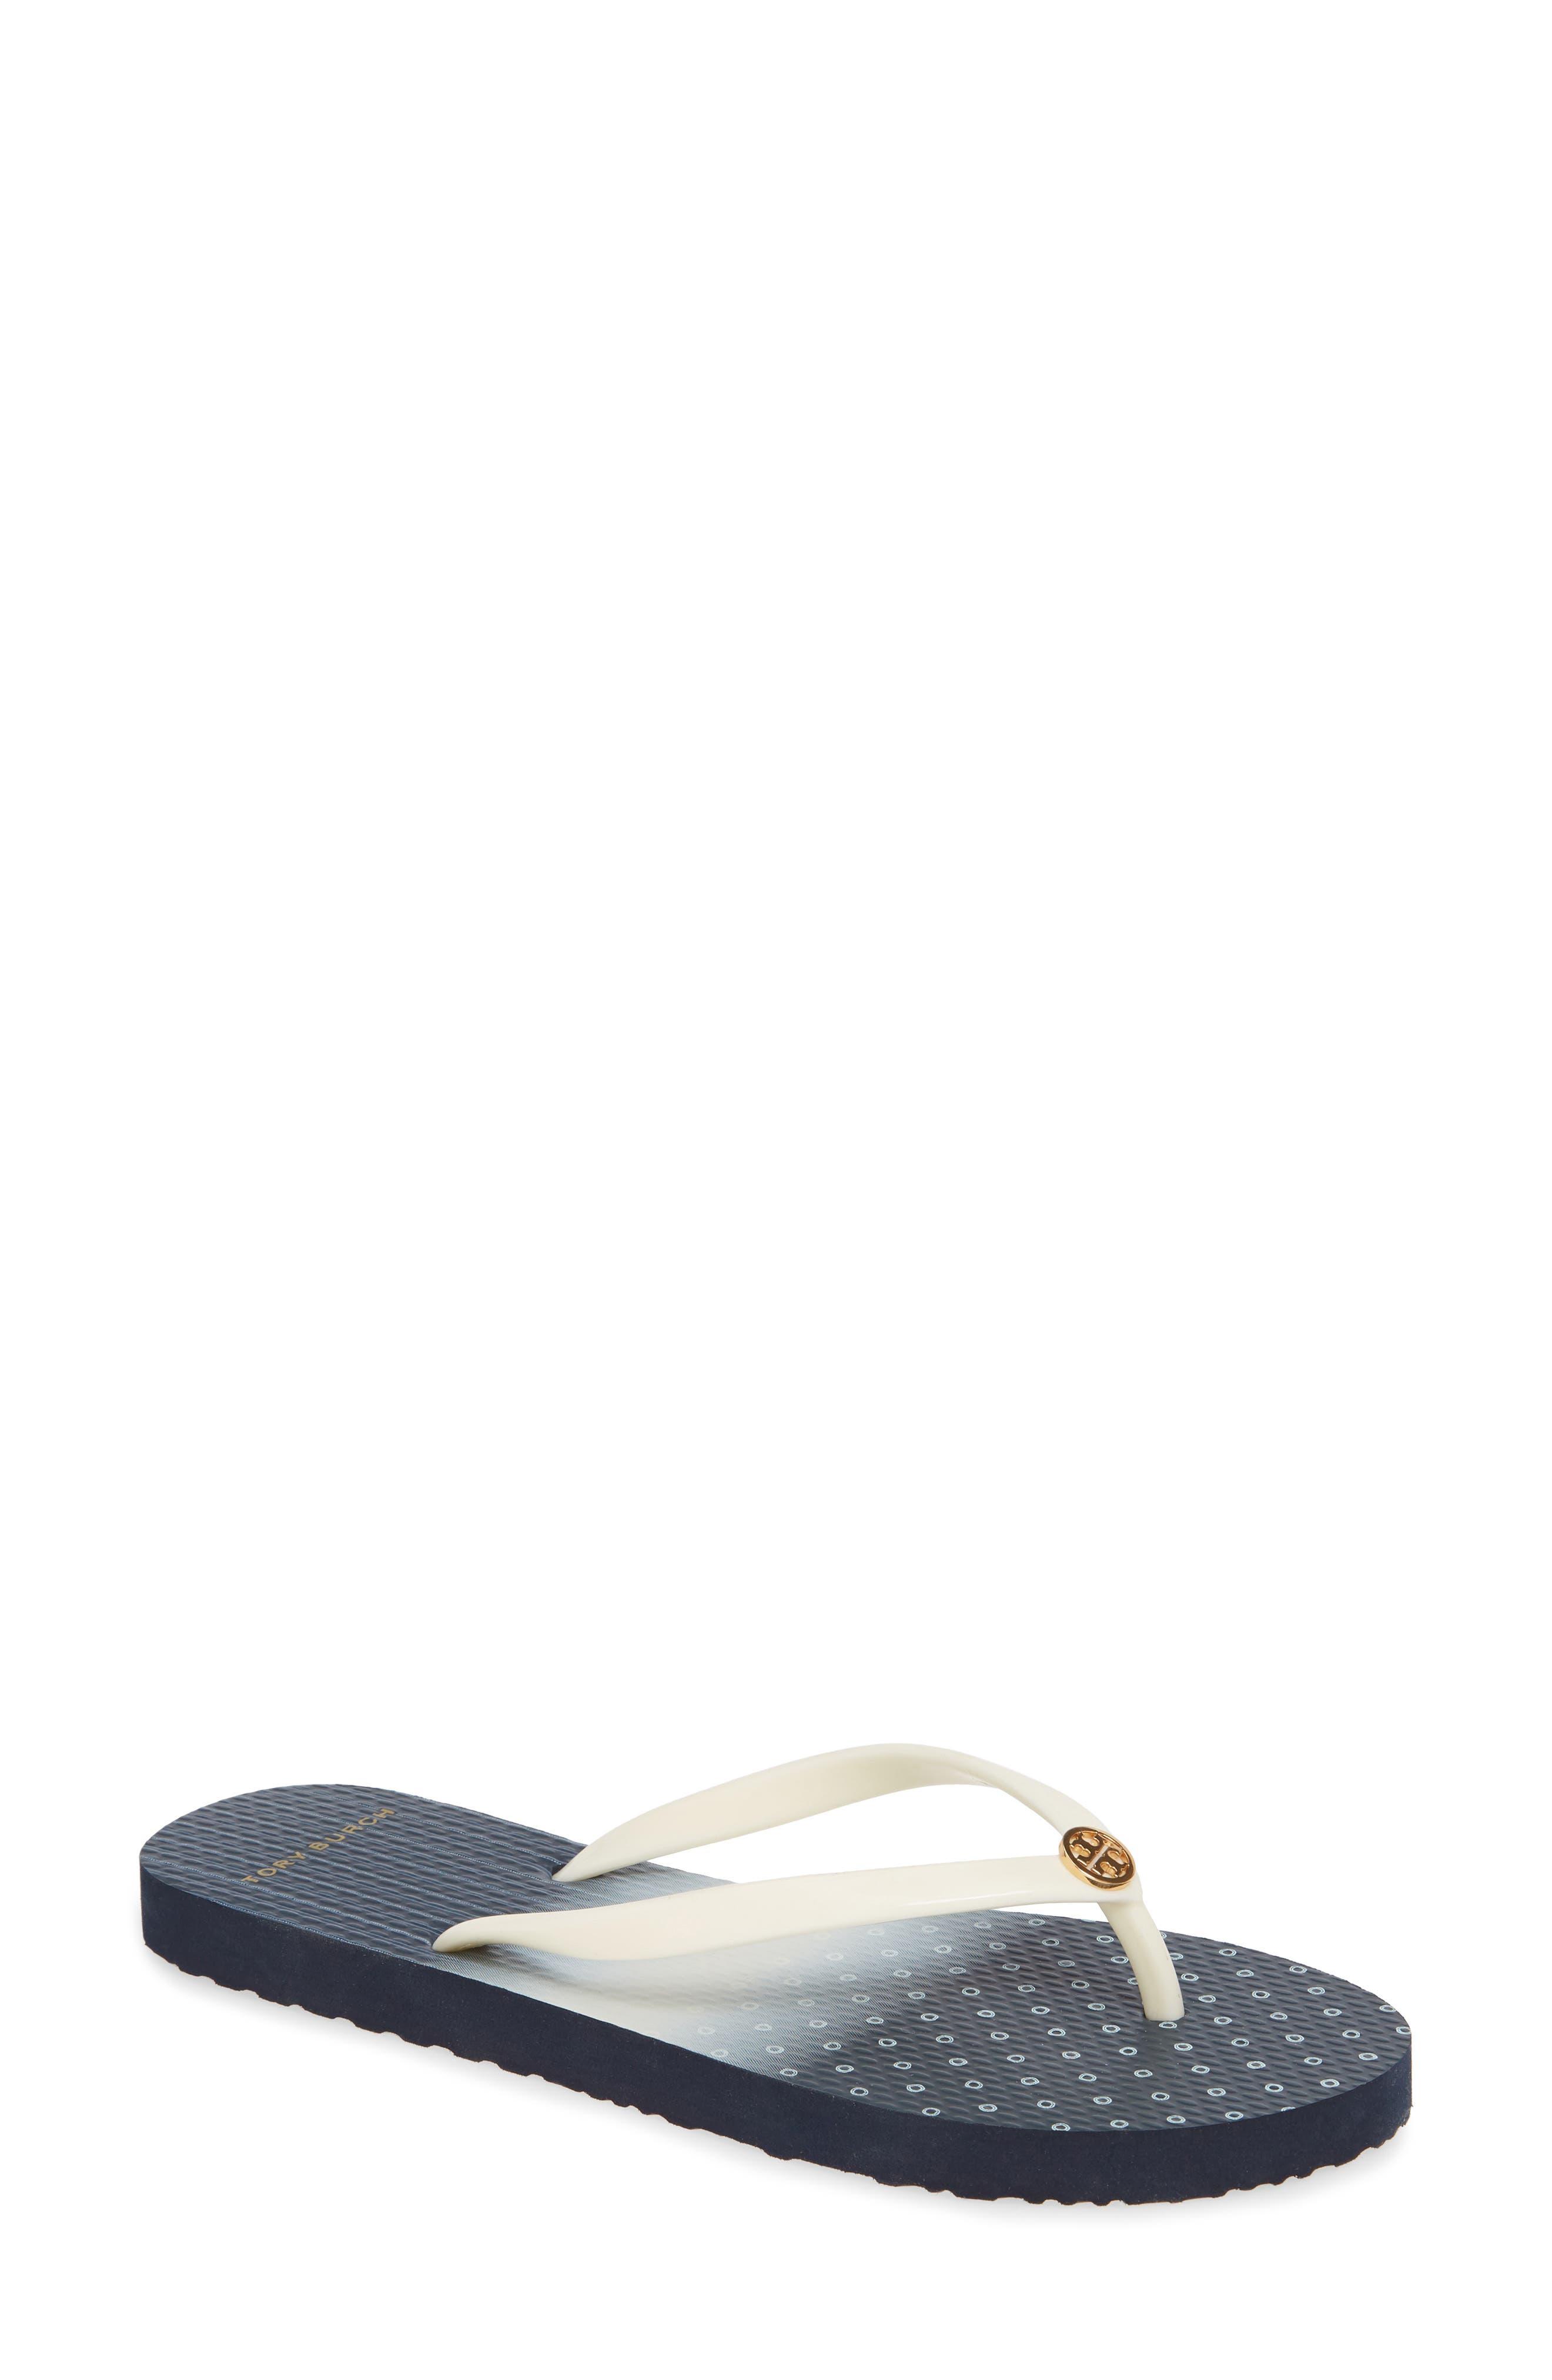 Thin Flip Flop, Main, color, IVORY/ SHIBORI DIP DYE